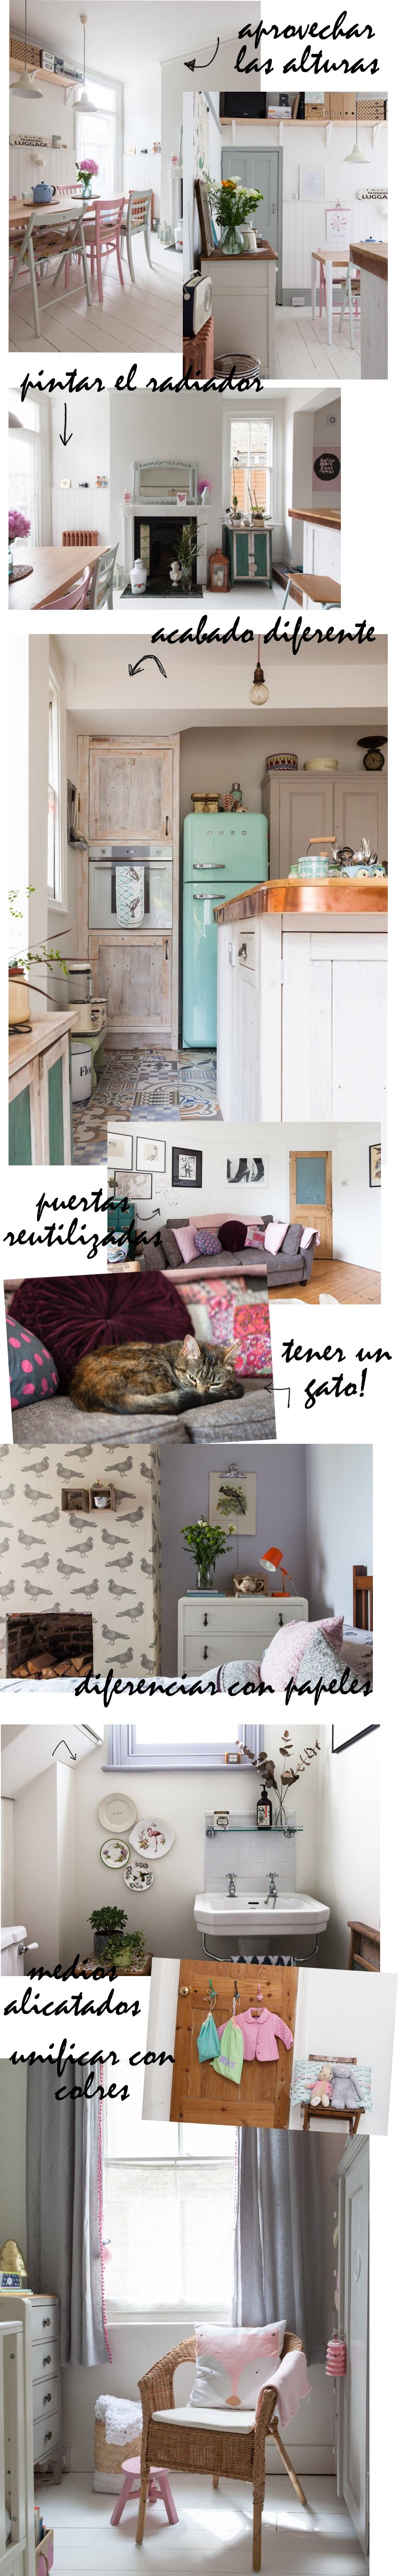 Casa vintage con buenas ideas